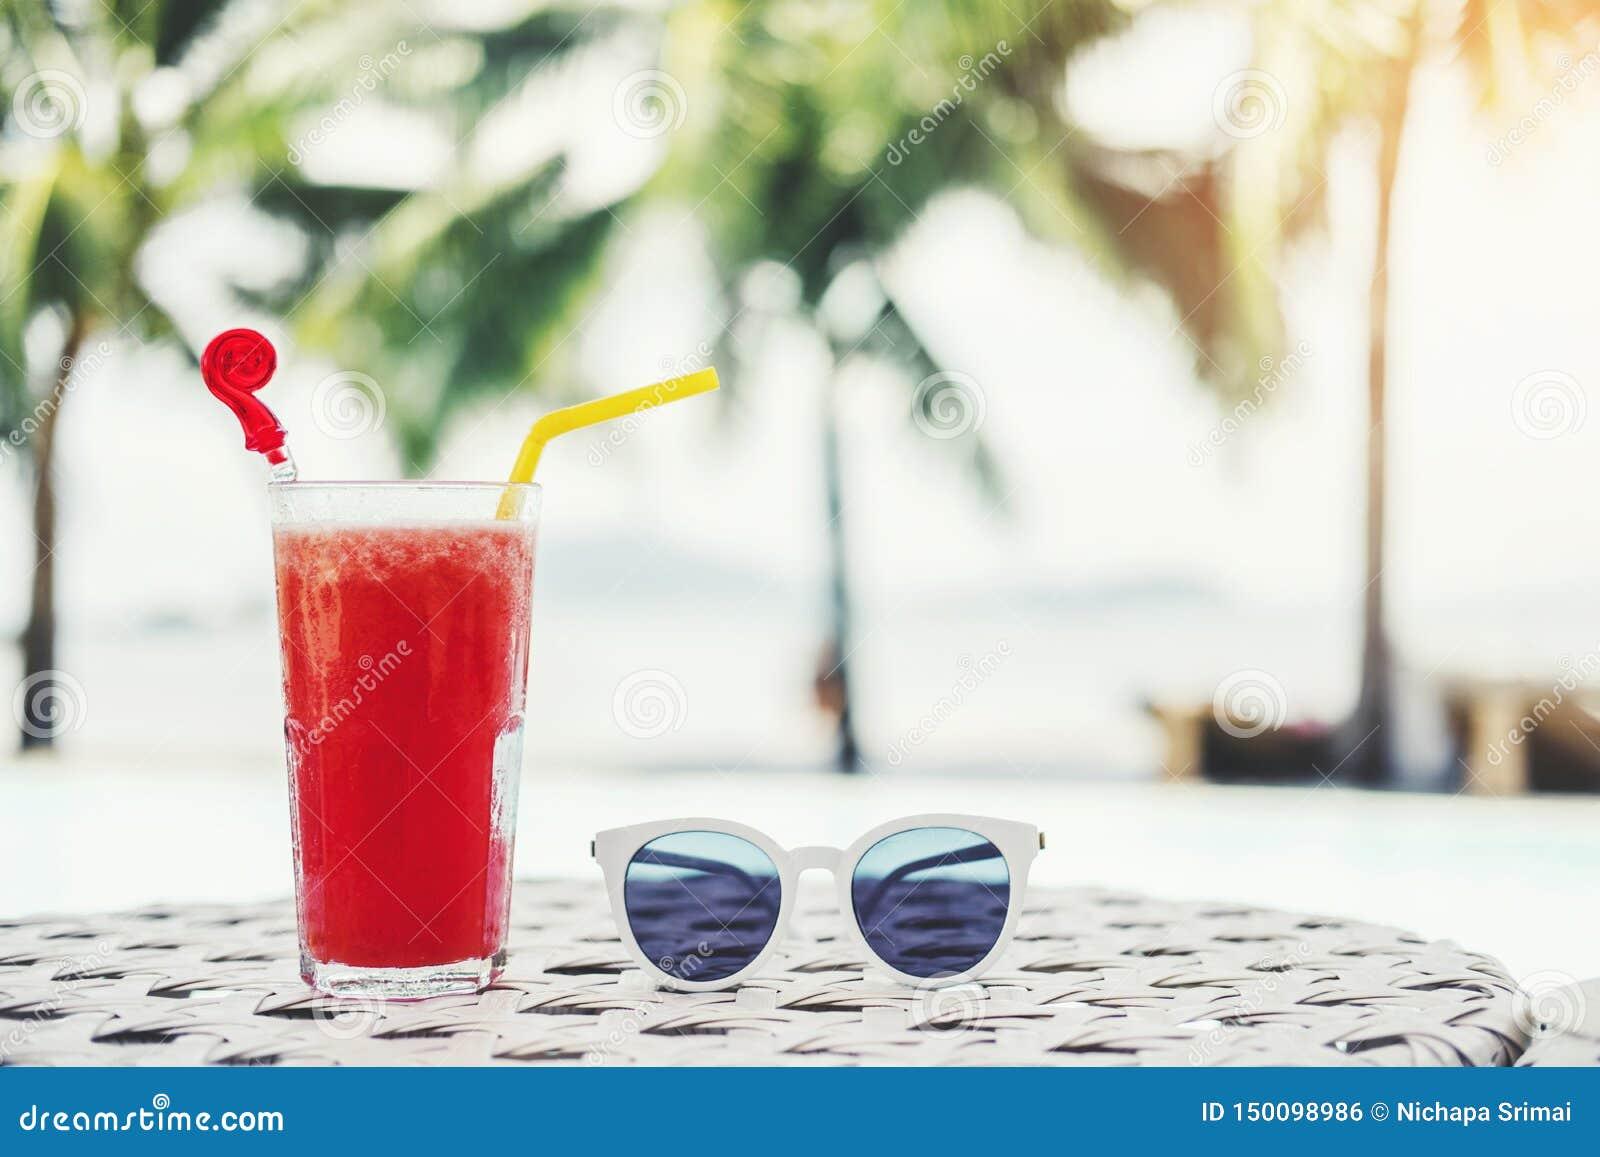 Fruktsaft på den tropiska strandsemesterorten för lyxig simbassäng, sommarbegrepp